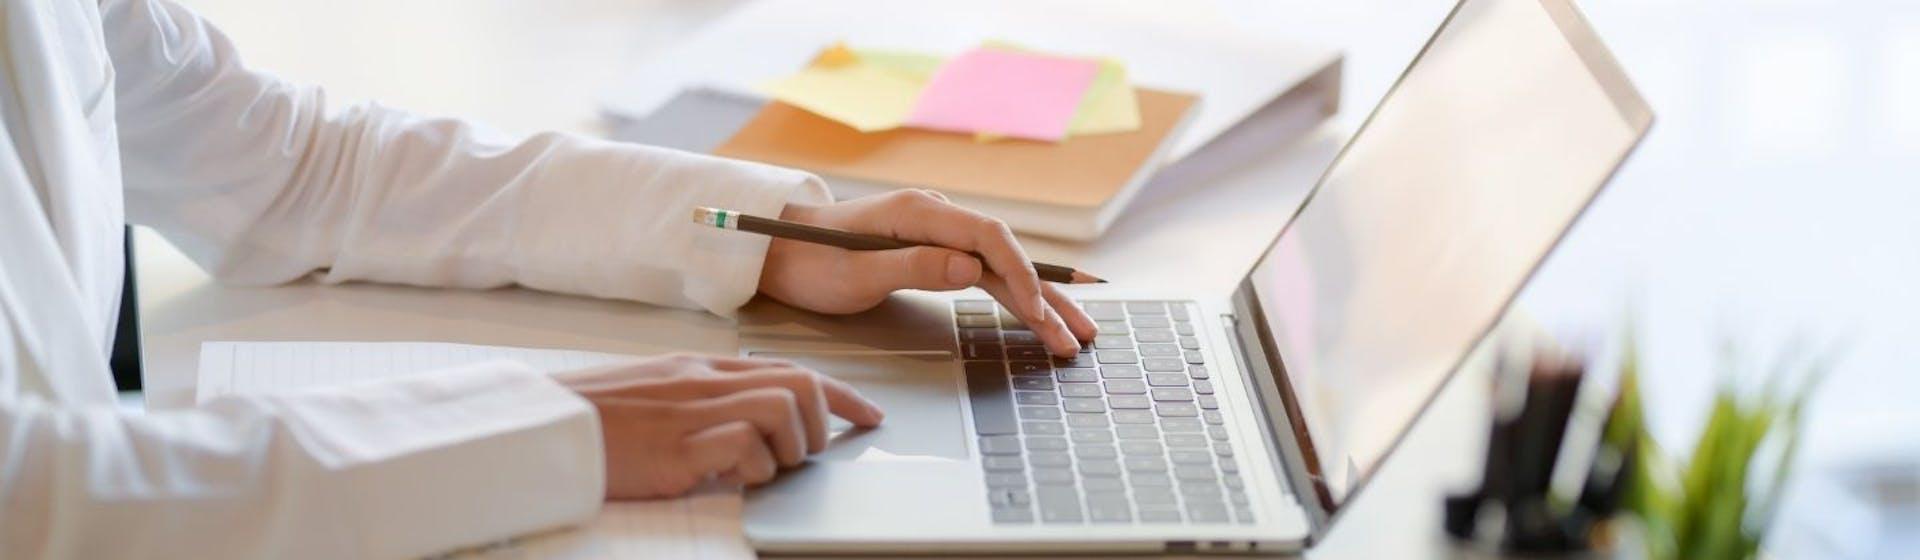 ¿Cómo hacer macros en Google Sheets? Aumenta tu productividad con esta guía